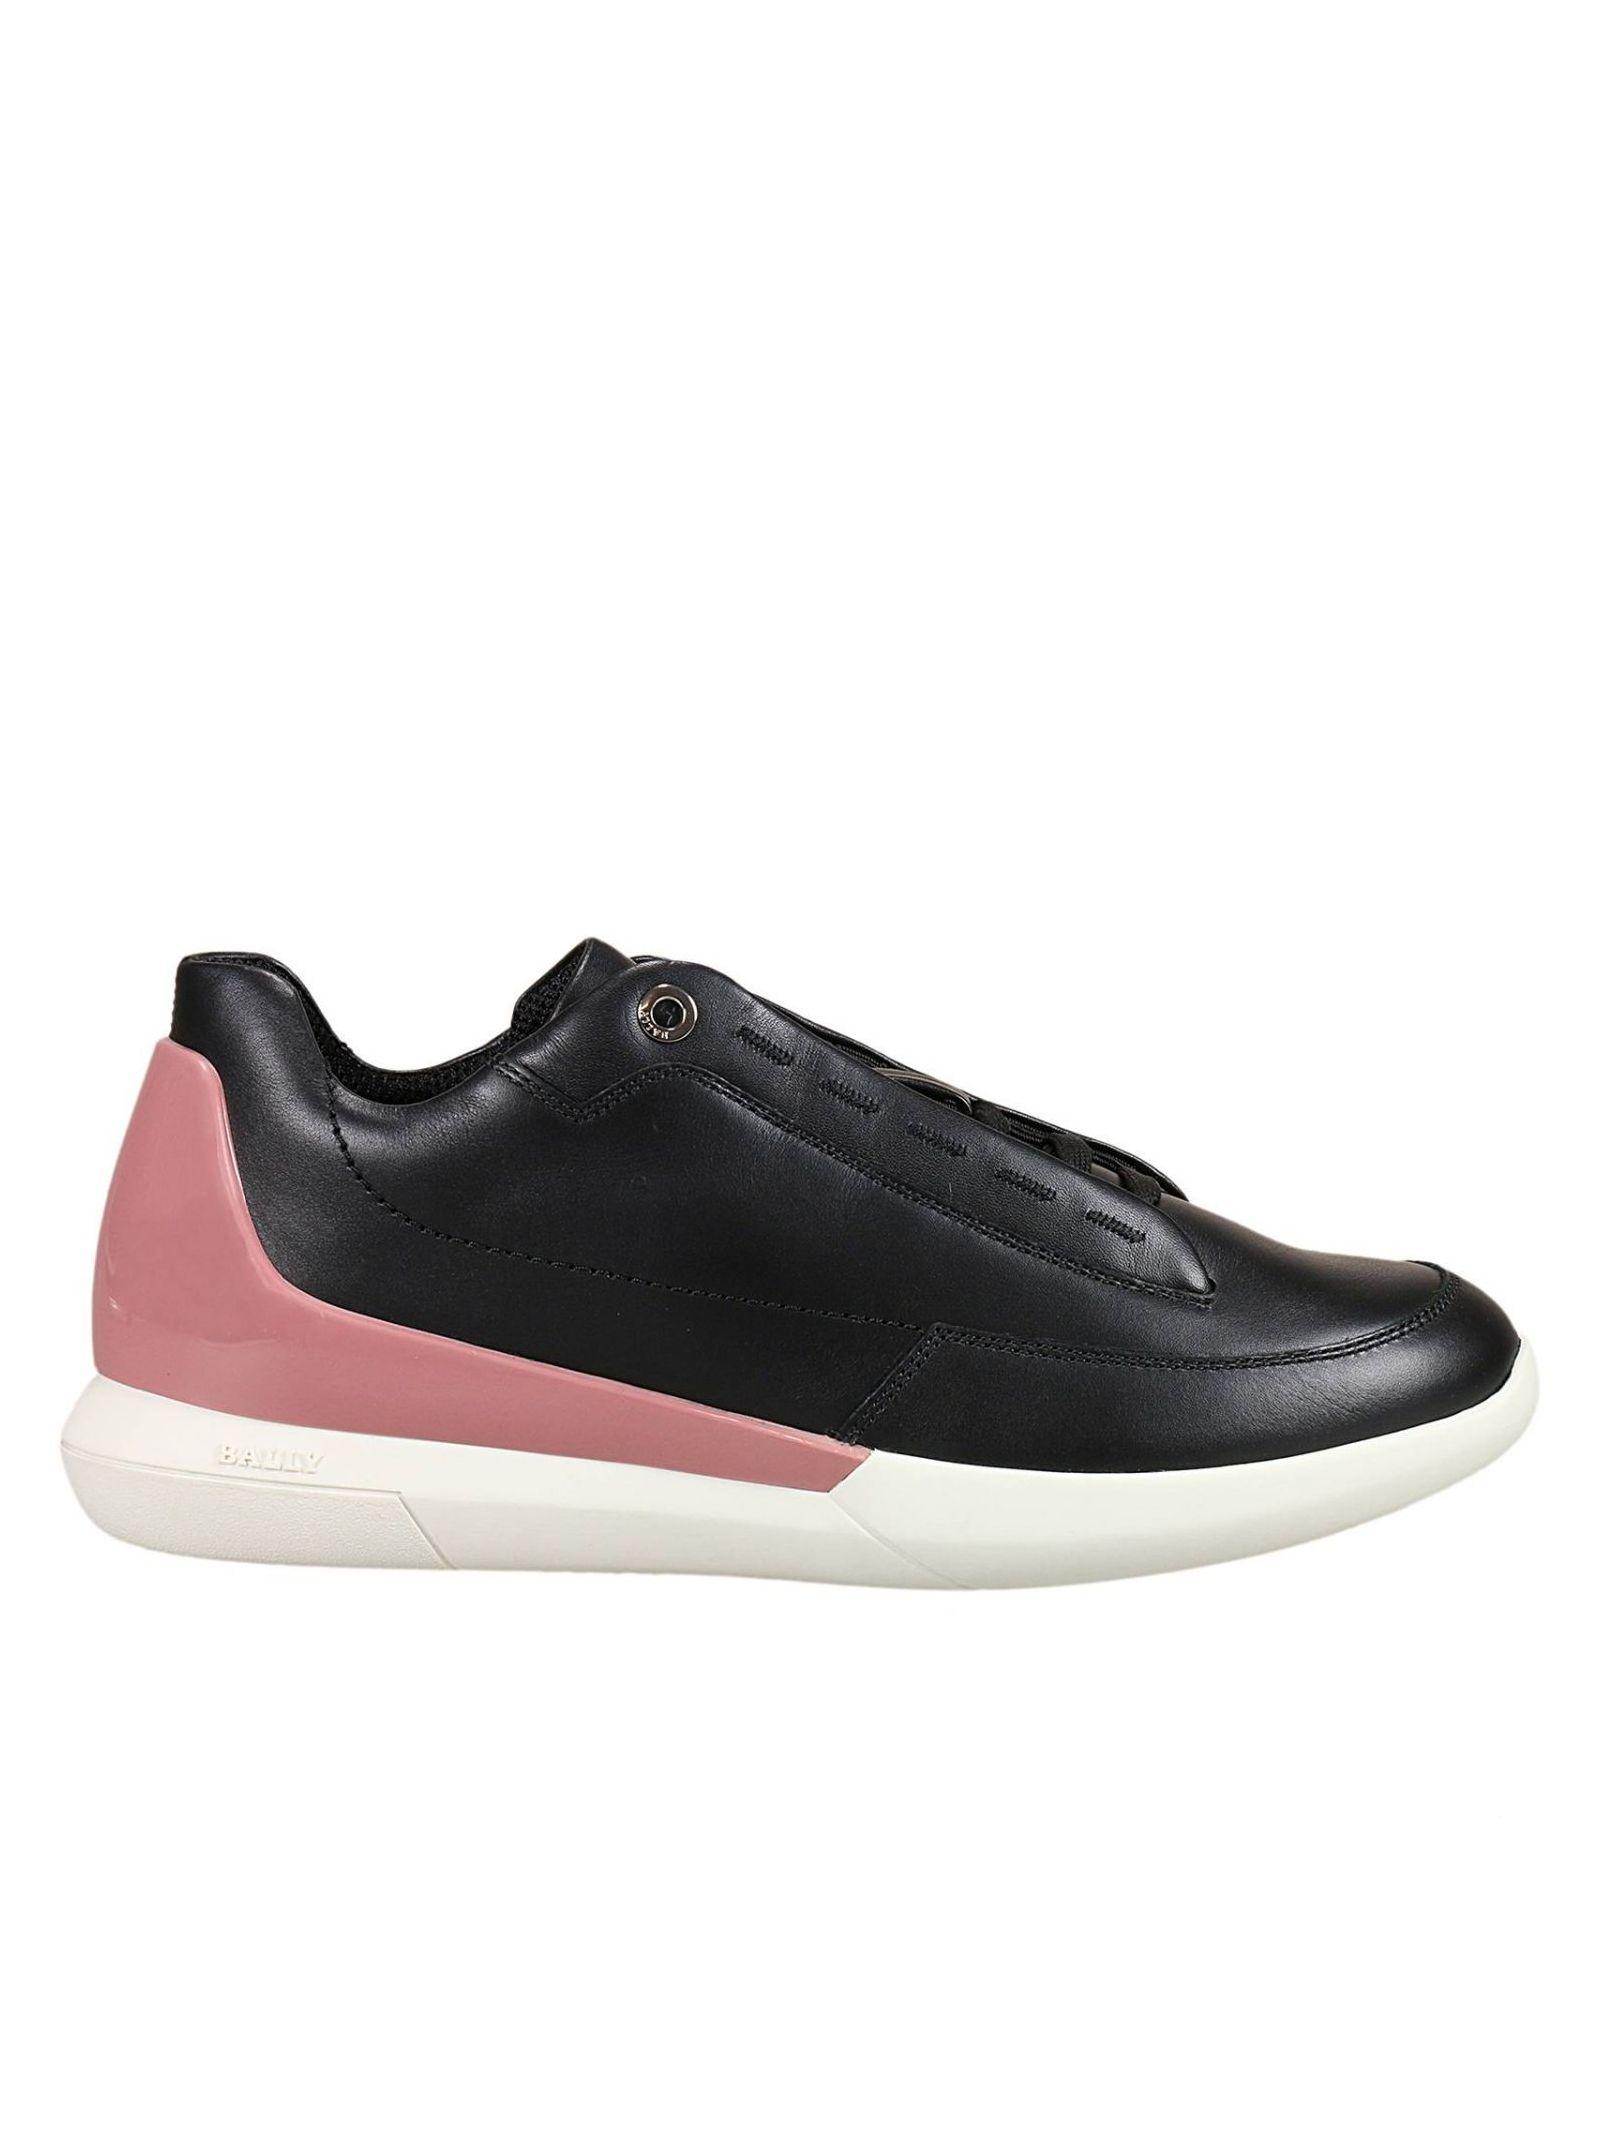 Pantofi sport de damă BALLY